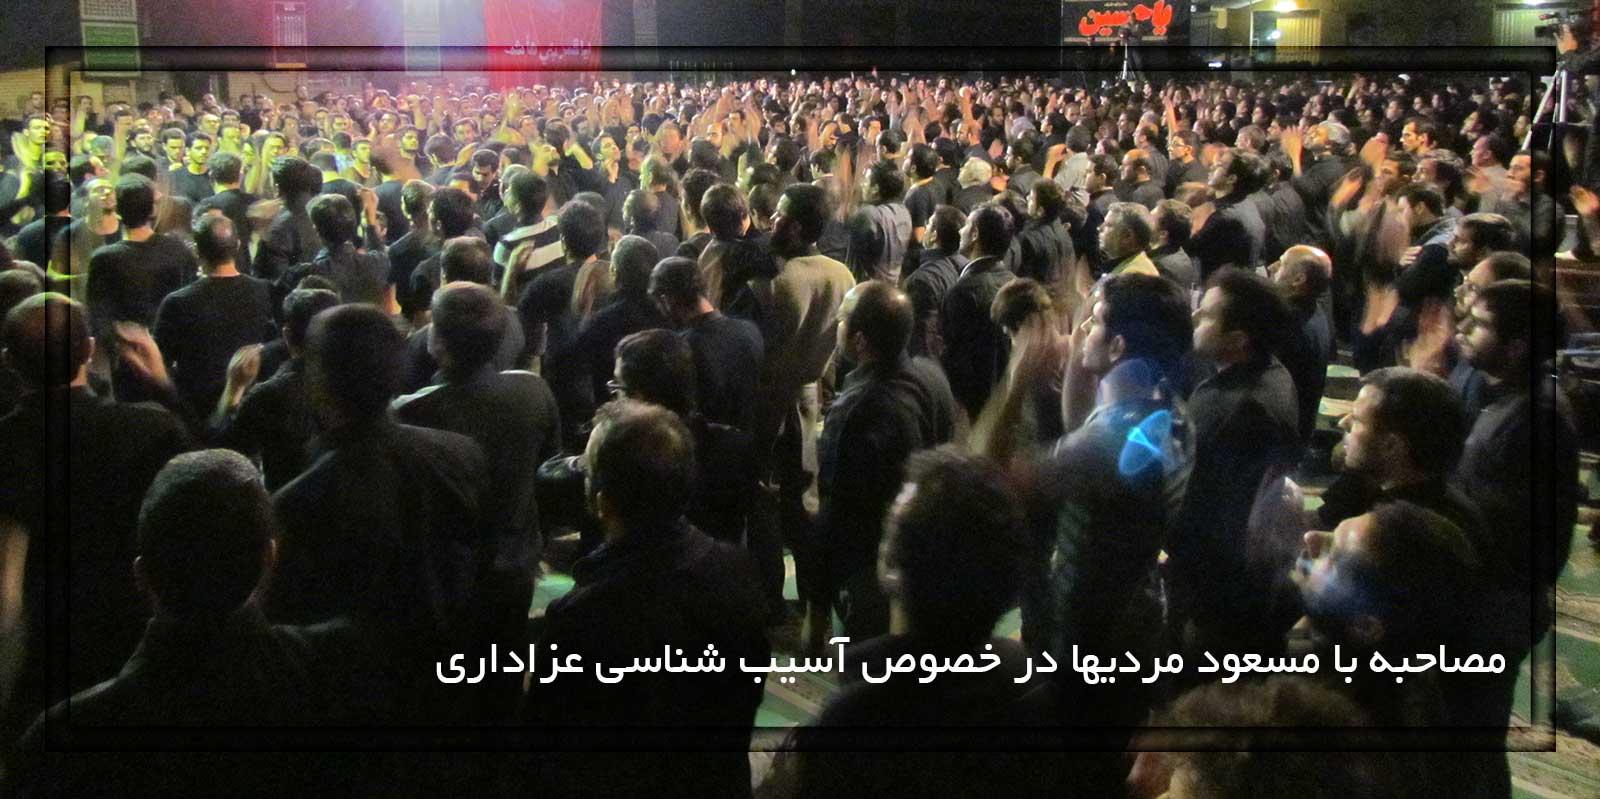 مصاحبه اصفهان زیبا با مسعود مردیها